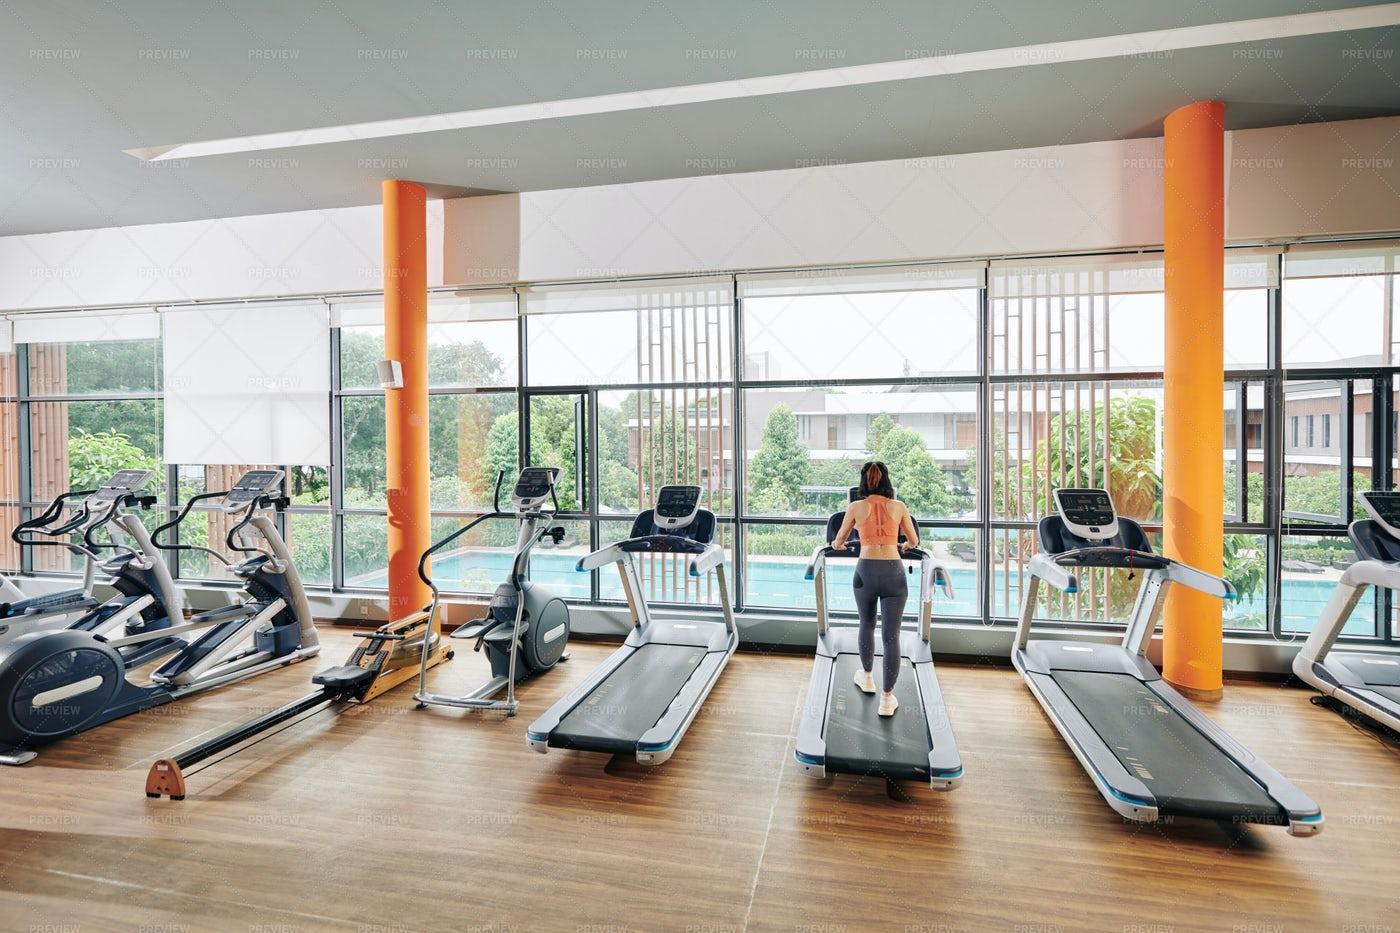 Woman Running On Treadmill: Stock Photos